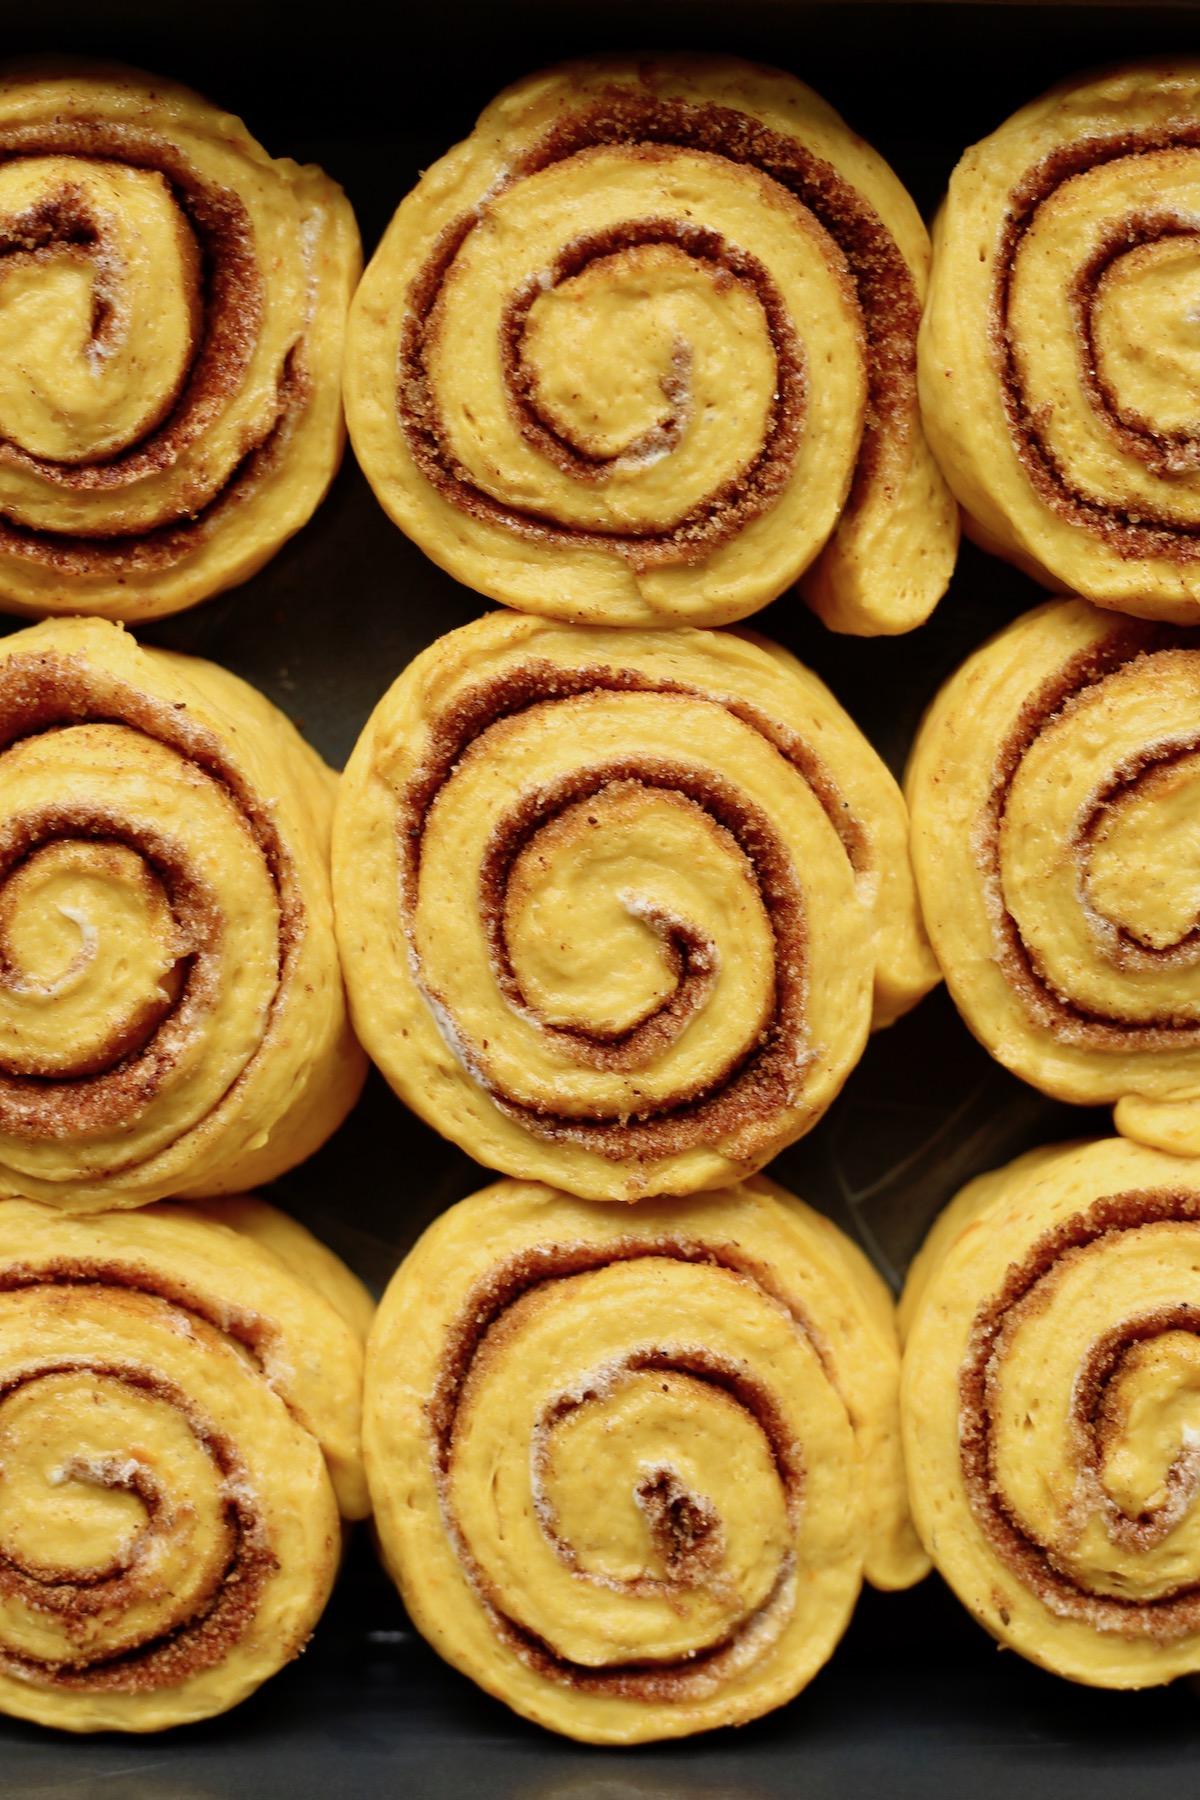 the pre-baked pumpkin cinnamon rolls arranged in a baking pan